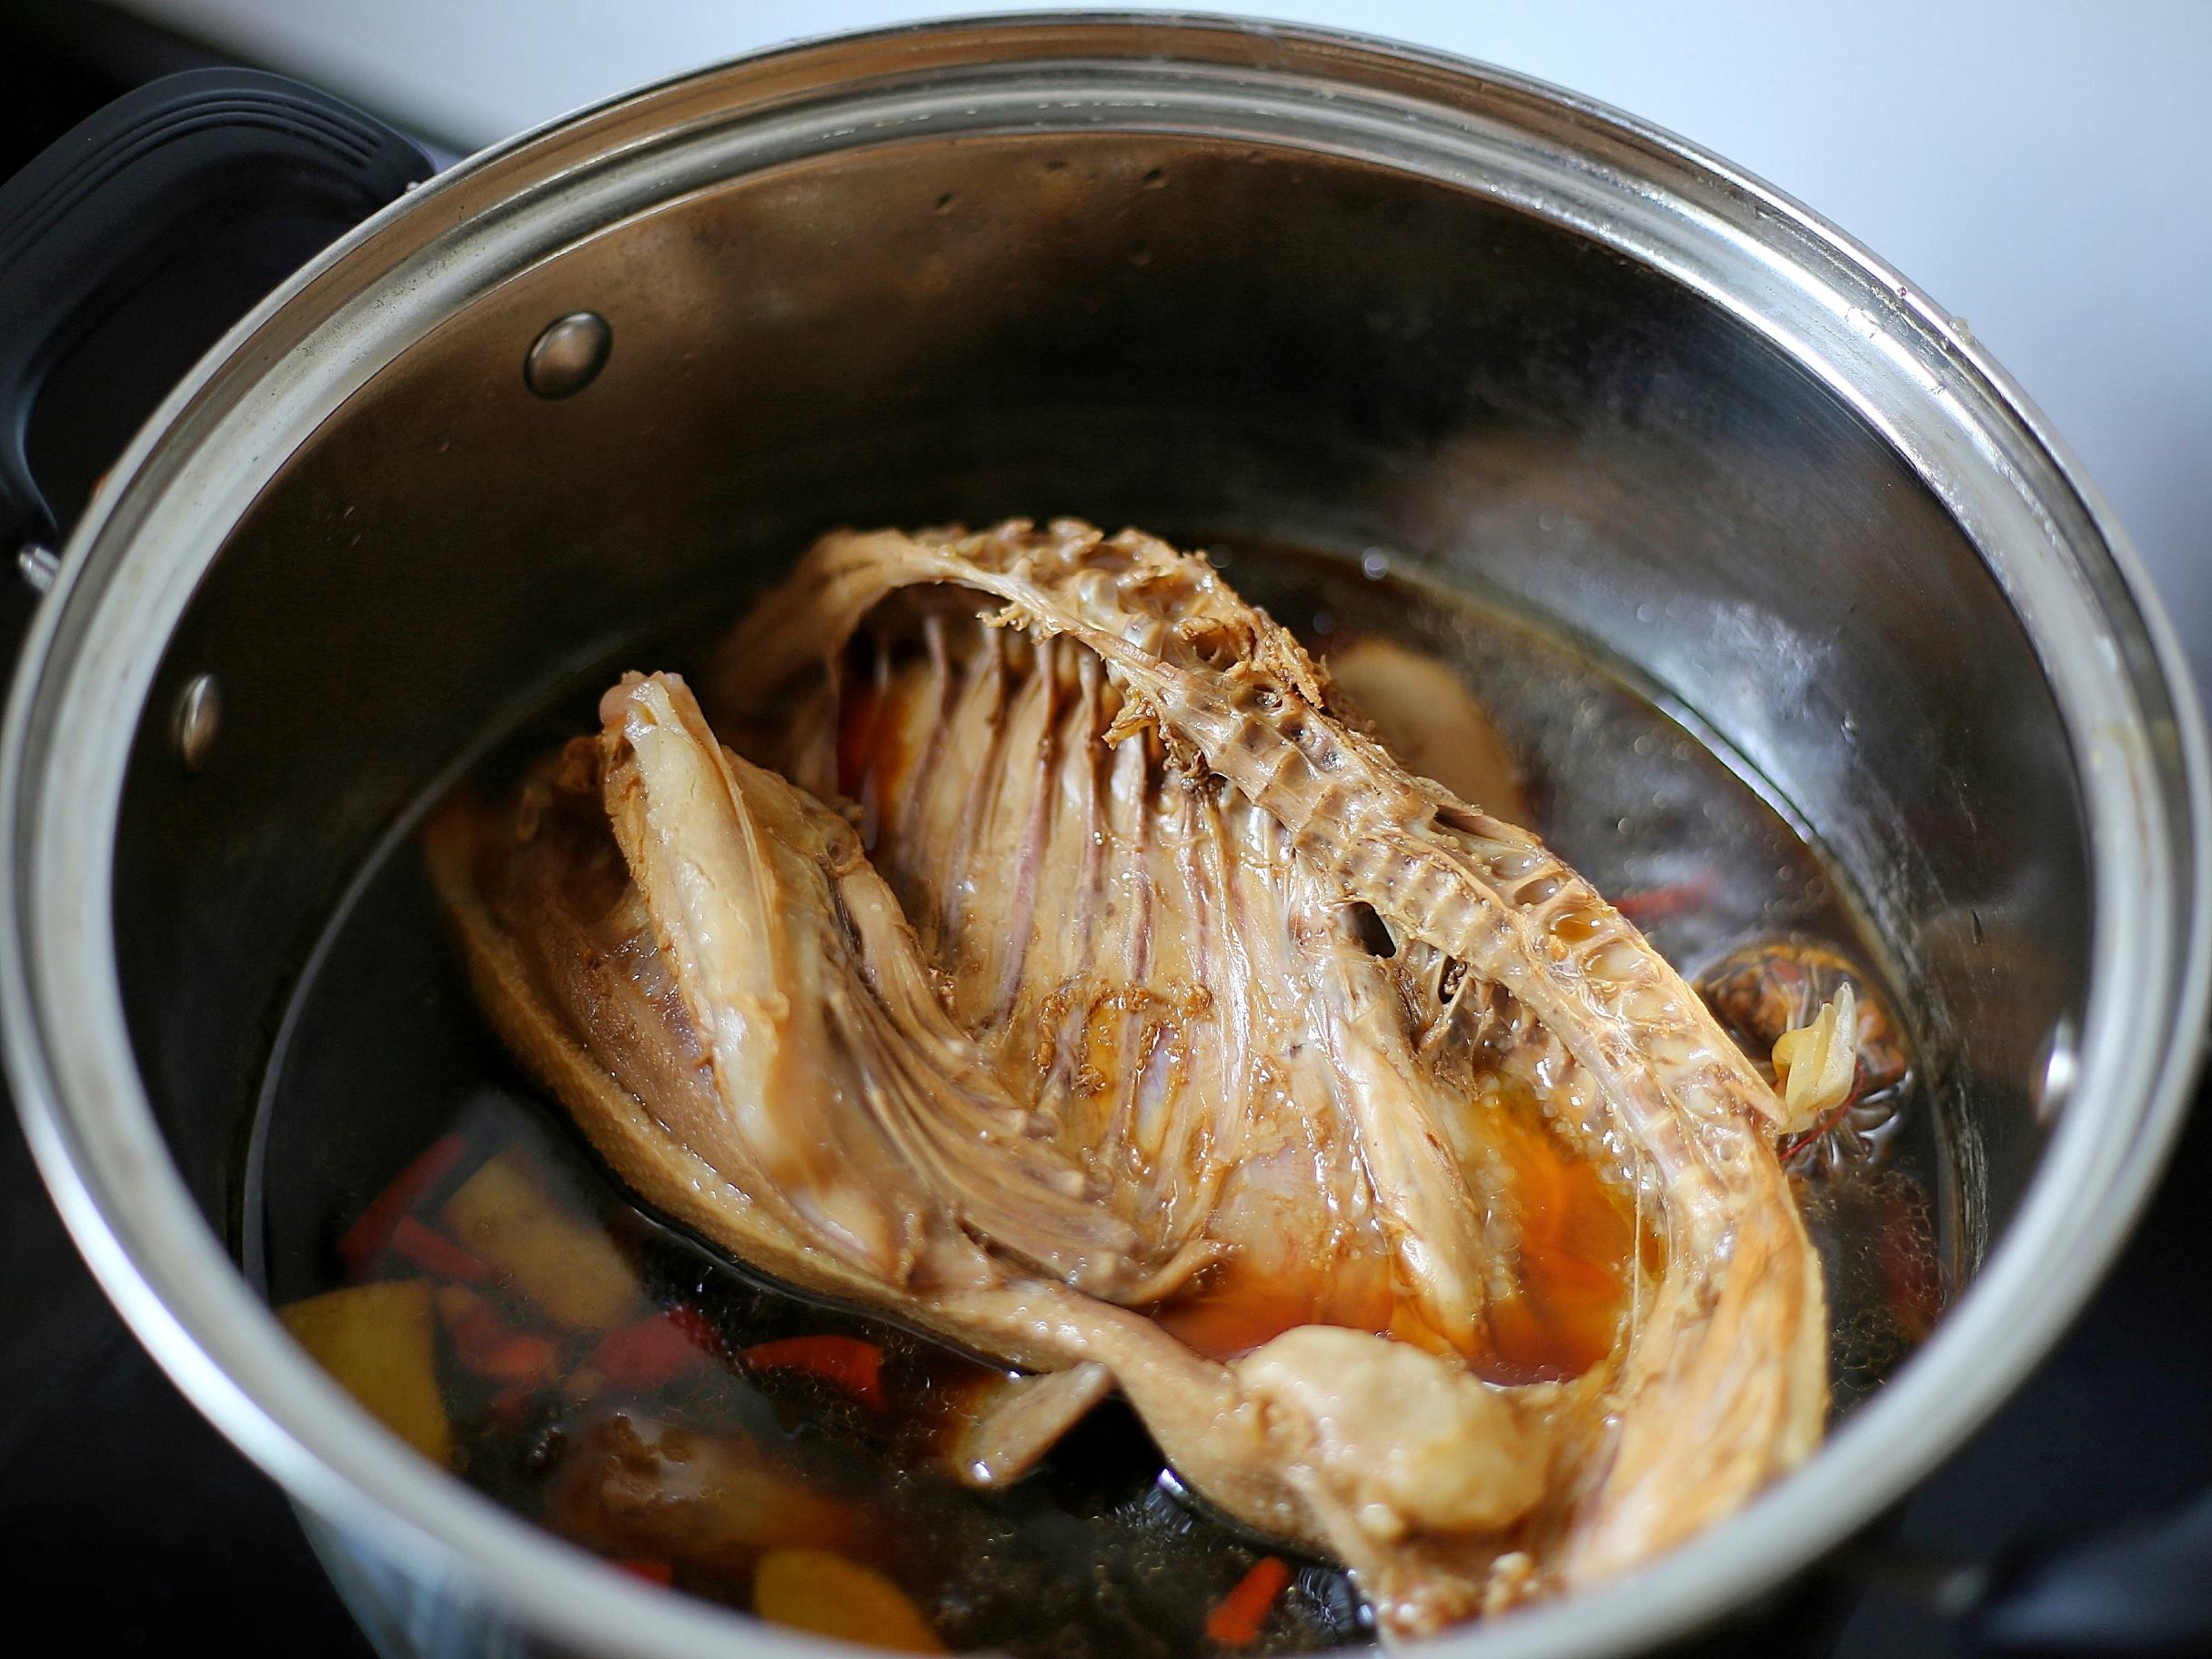 這滷鴨配方我用了8年,每次做它,還是會被它的味道所驚艷,真香